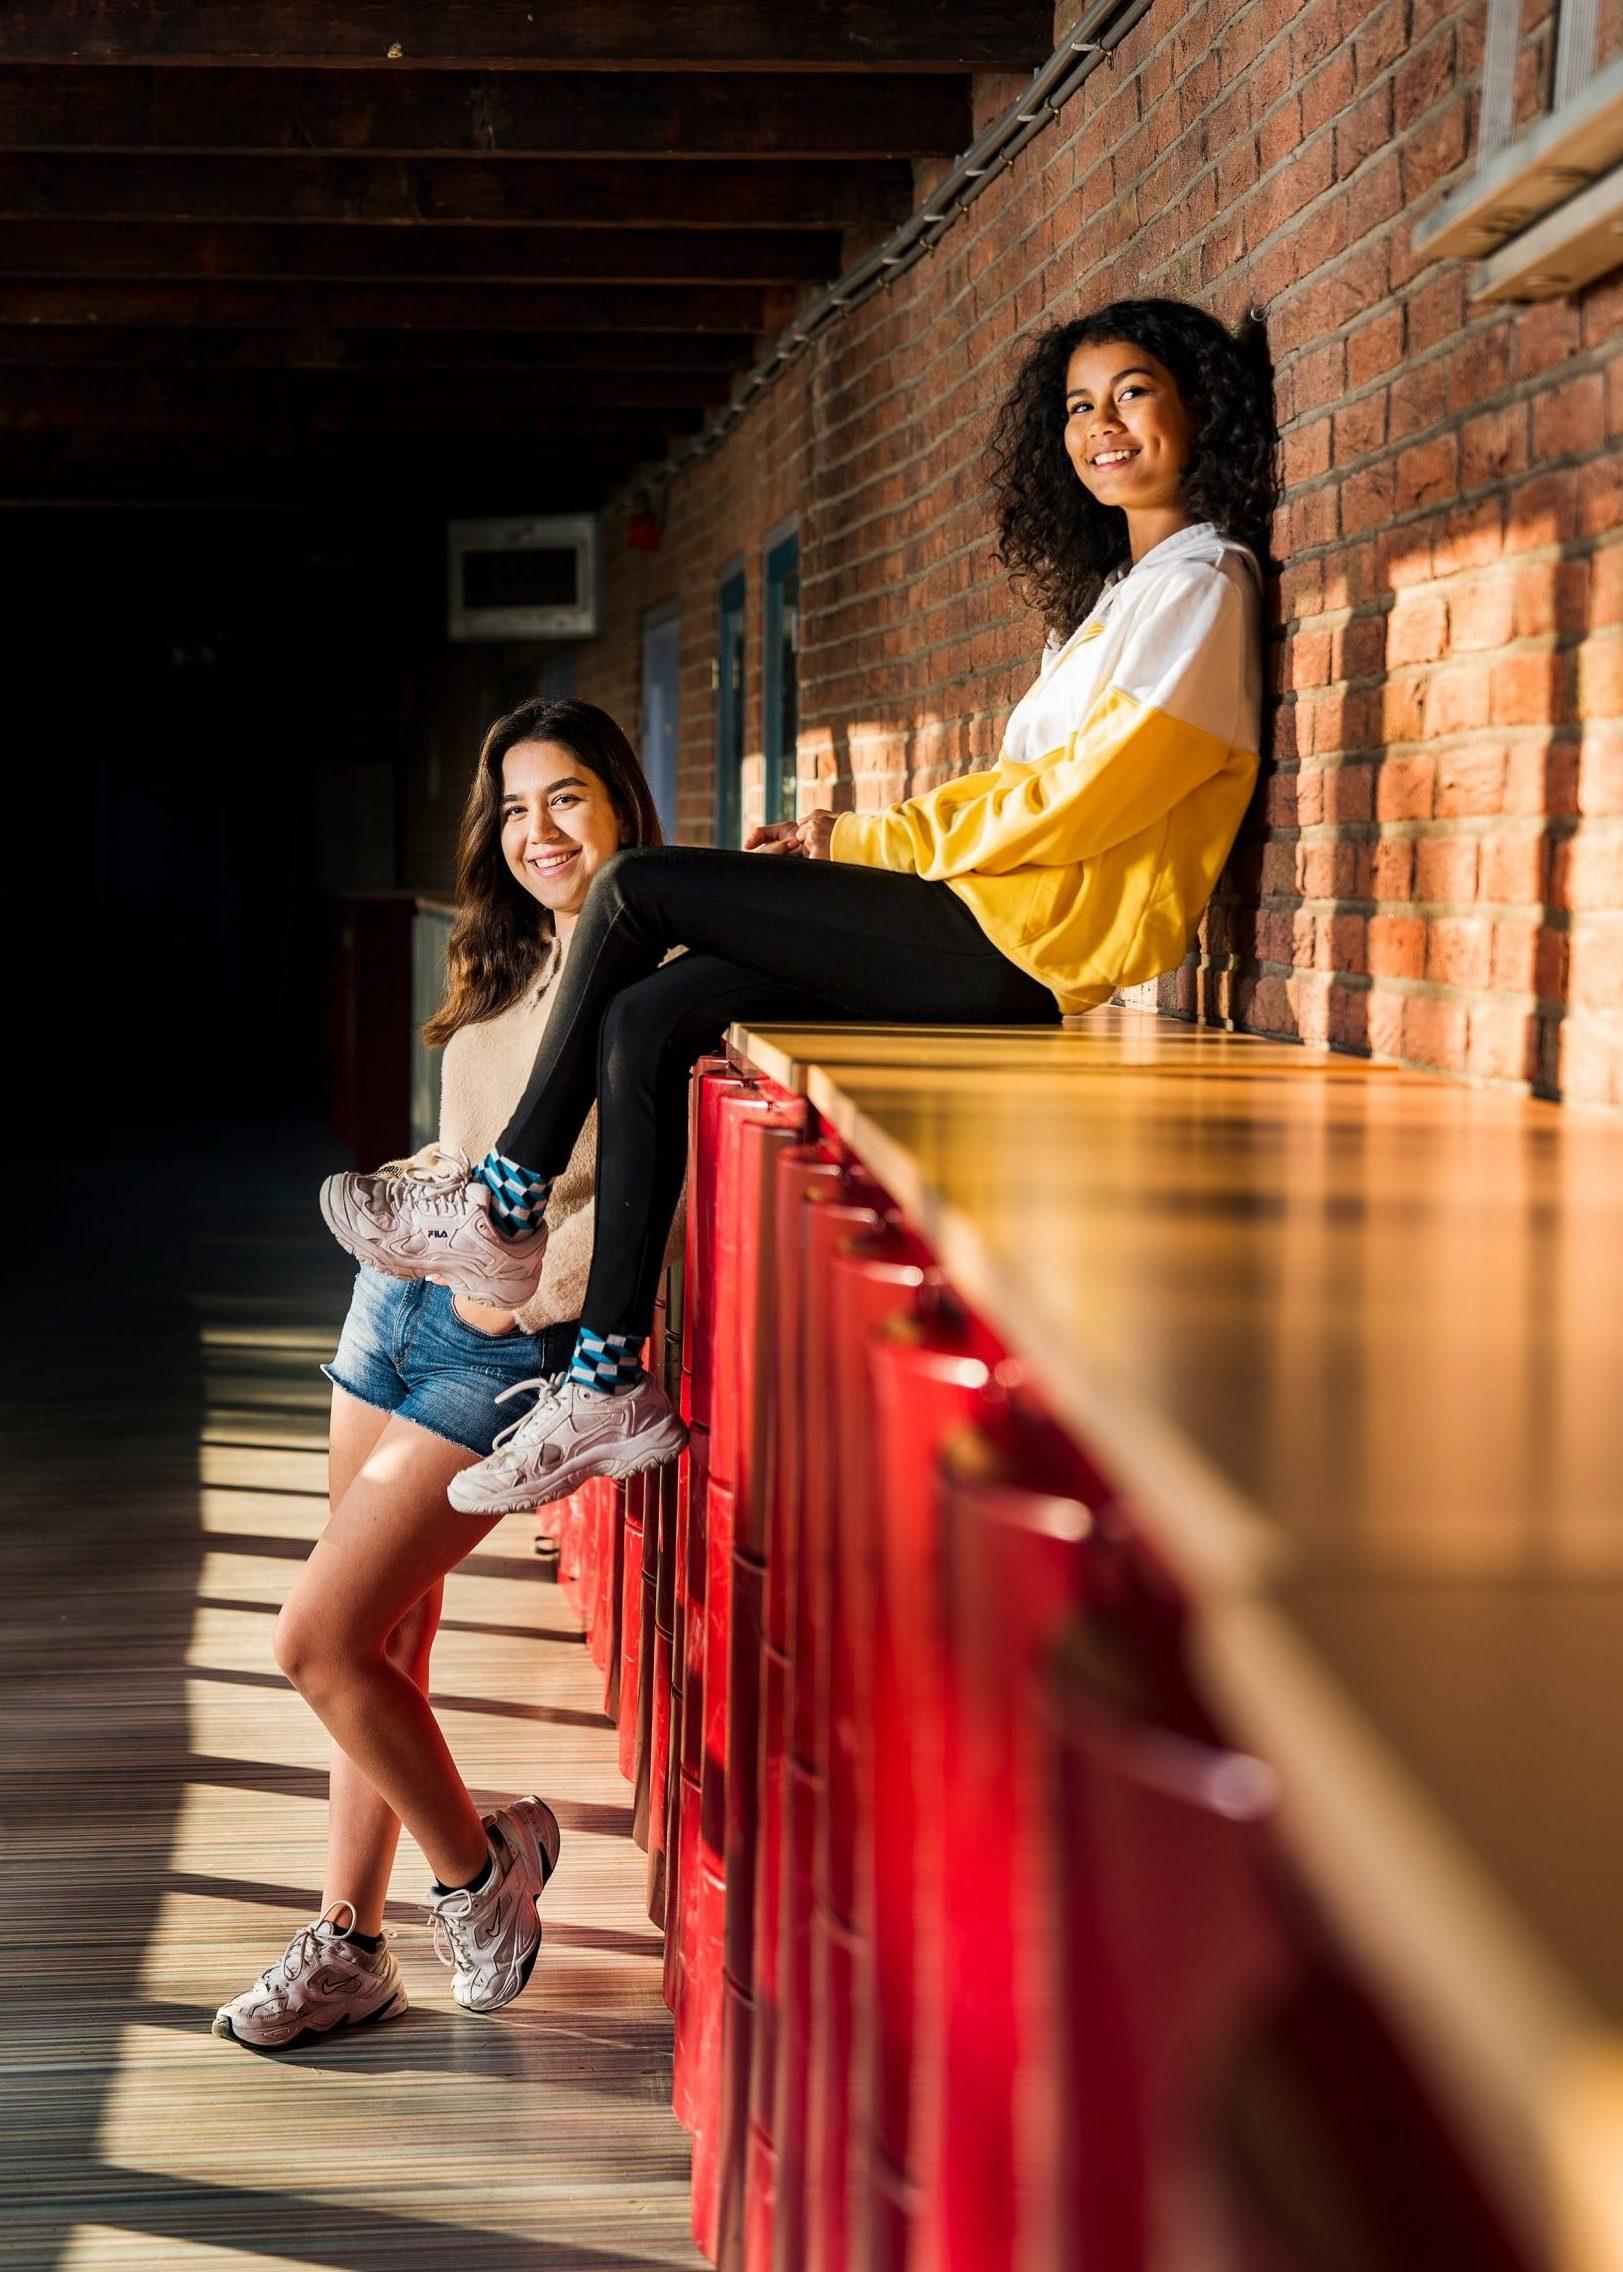 Leerlingen zitten bij de kluisjes op school. Campagne fotografe voor het Innova college.